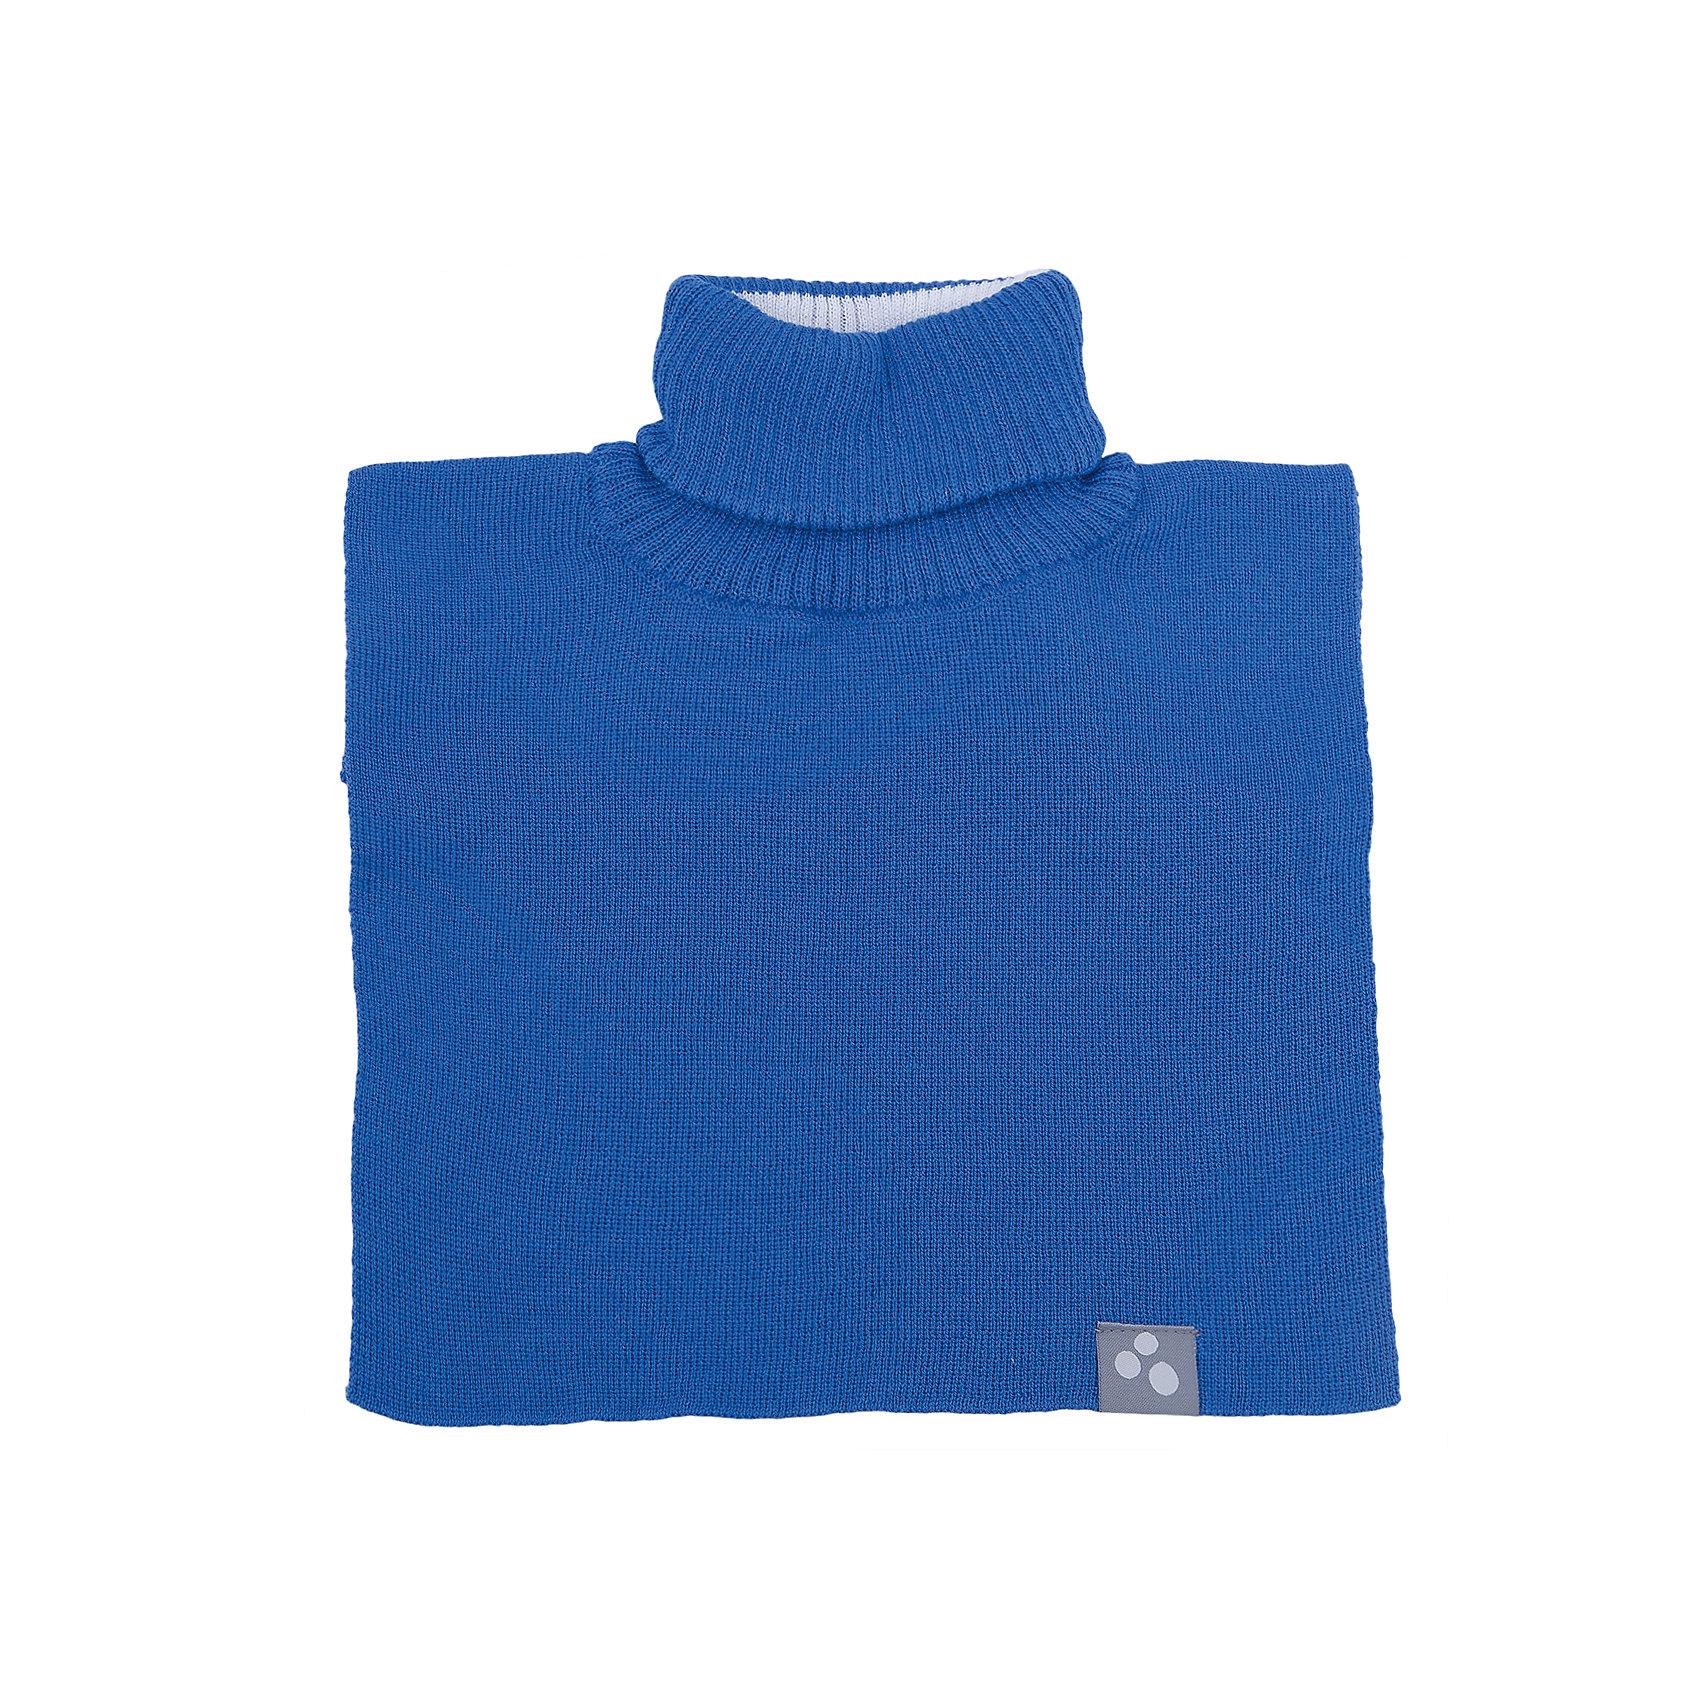 Манишка HuppaШарфы, платки<br>Манишка CORA Huppa(Хуппа) - вязаный воротник, изготовленный из шерсти мериноса и акрила с подкладкой из флиса. Он надежно защитит шею ребенка от мороза и ветра. Этот шарф ребенок с радостью наденет самостоятельно.<br><br>Дополнительная информация:<br>Материал: 50% шерсть мериноса, 50% акрил<br>Подкладка : хлопок<br>Цвет: синий<br><br>Манишку CORA Huppa(Хуппа) можно приобрести в нашем интернет-магазине.<br><br>Ширина мм: 88<br>Глубина мм: 155<br>Высота мм: 26<br>Вес г: 106<br>Цвет: синий<br>Возраст от месяцев: 12<br>Возраст до месяцев: 24<br>Пол: Унисекс<br>Возраст: Детский<br>Размер: 47-49,55-57<br>SKU: 4923909